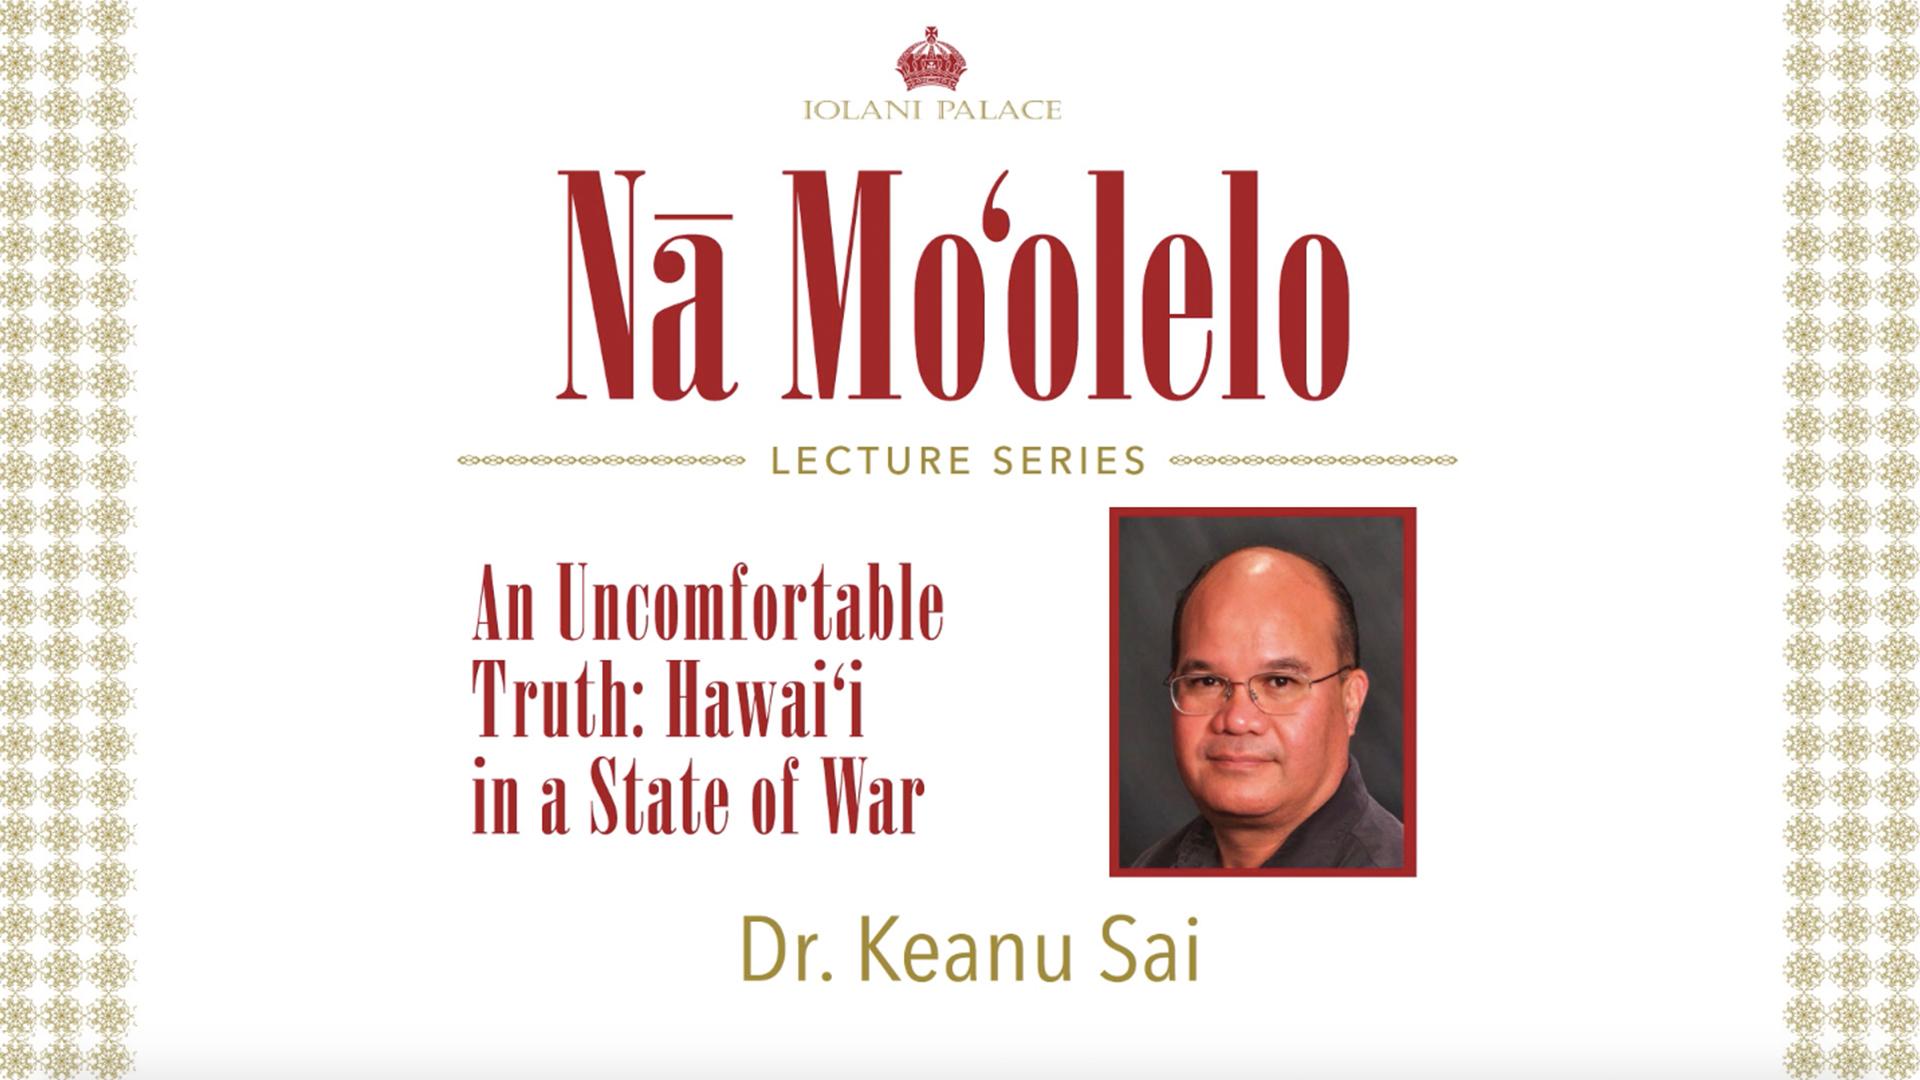 Keanu Sai